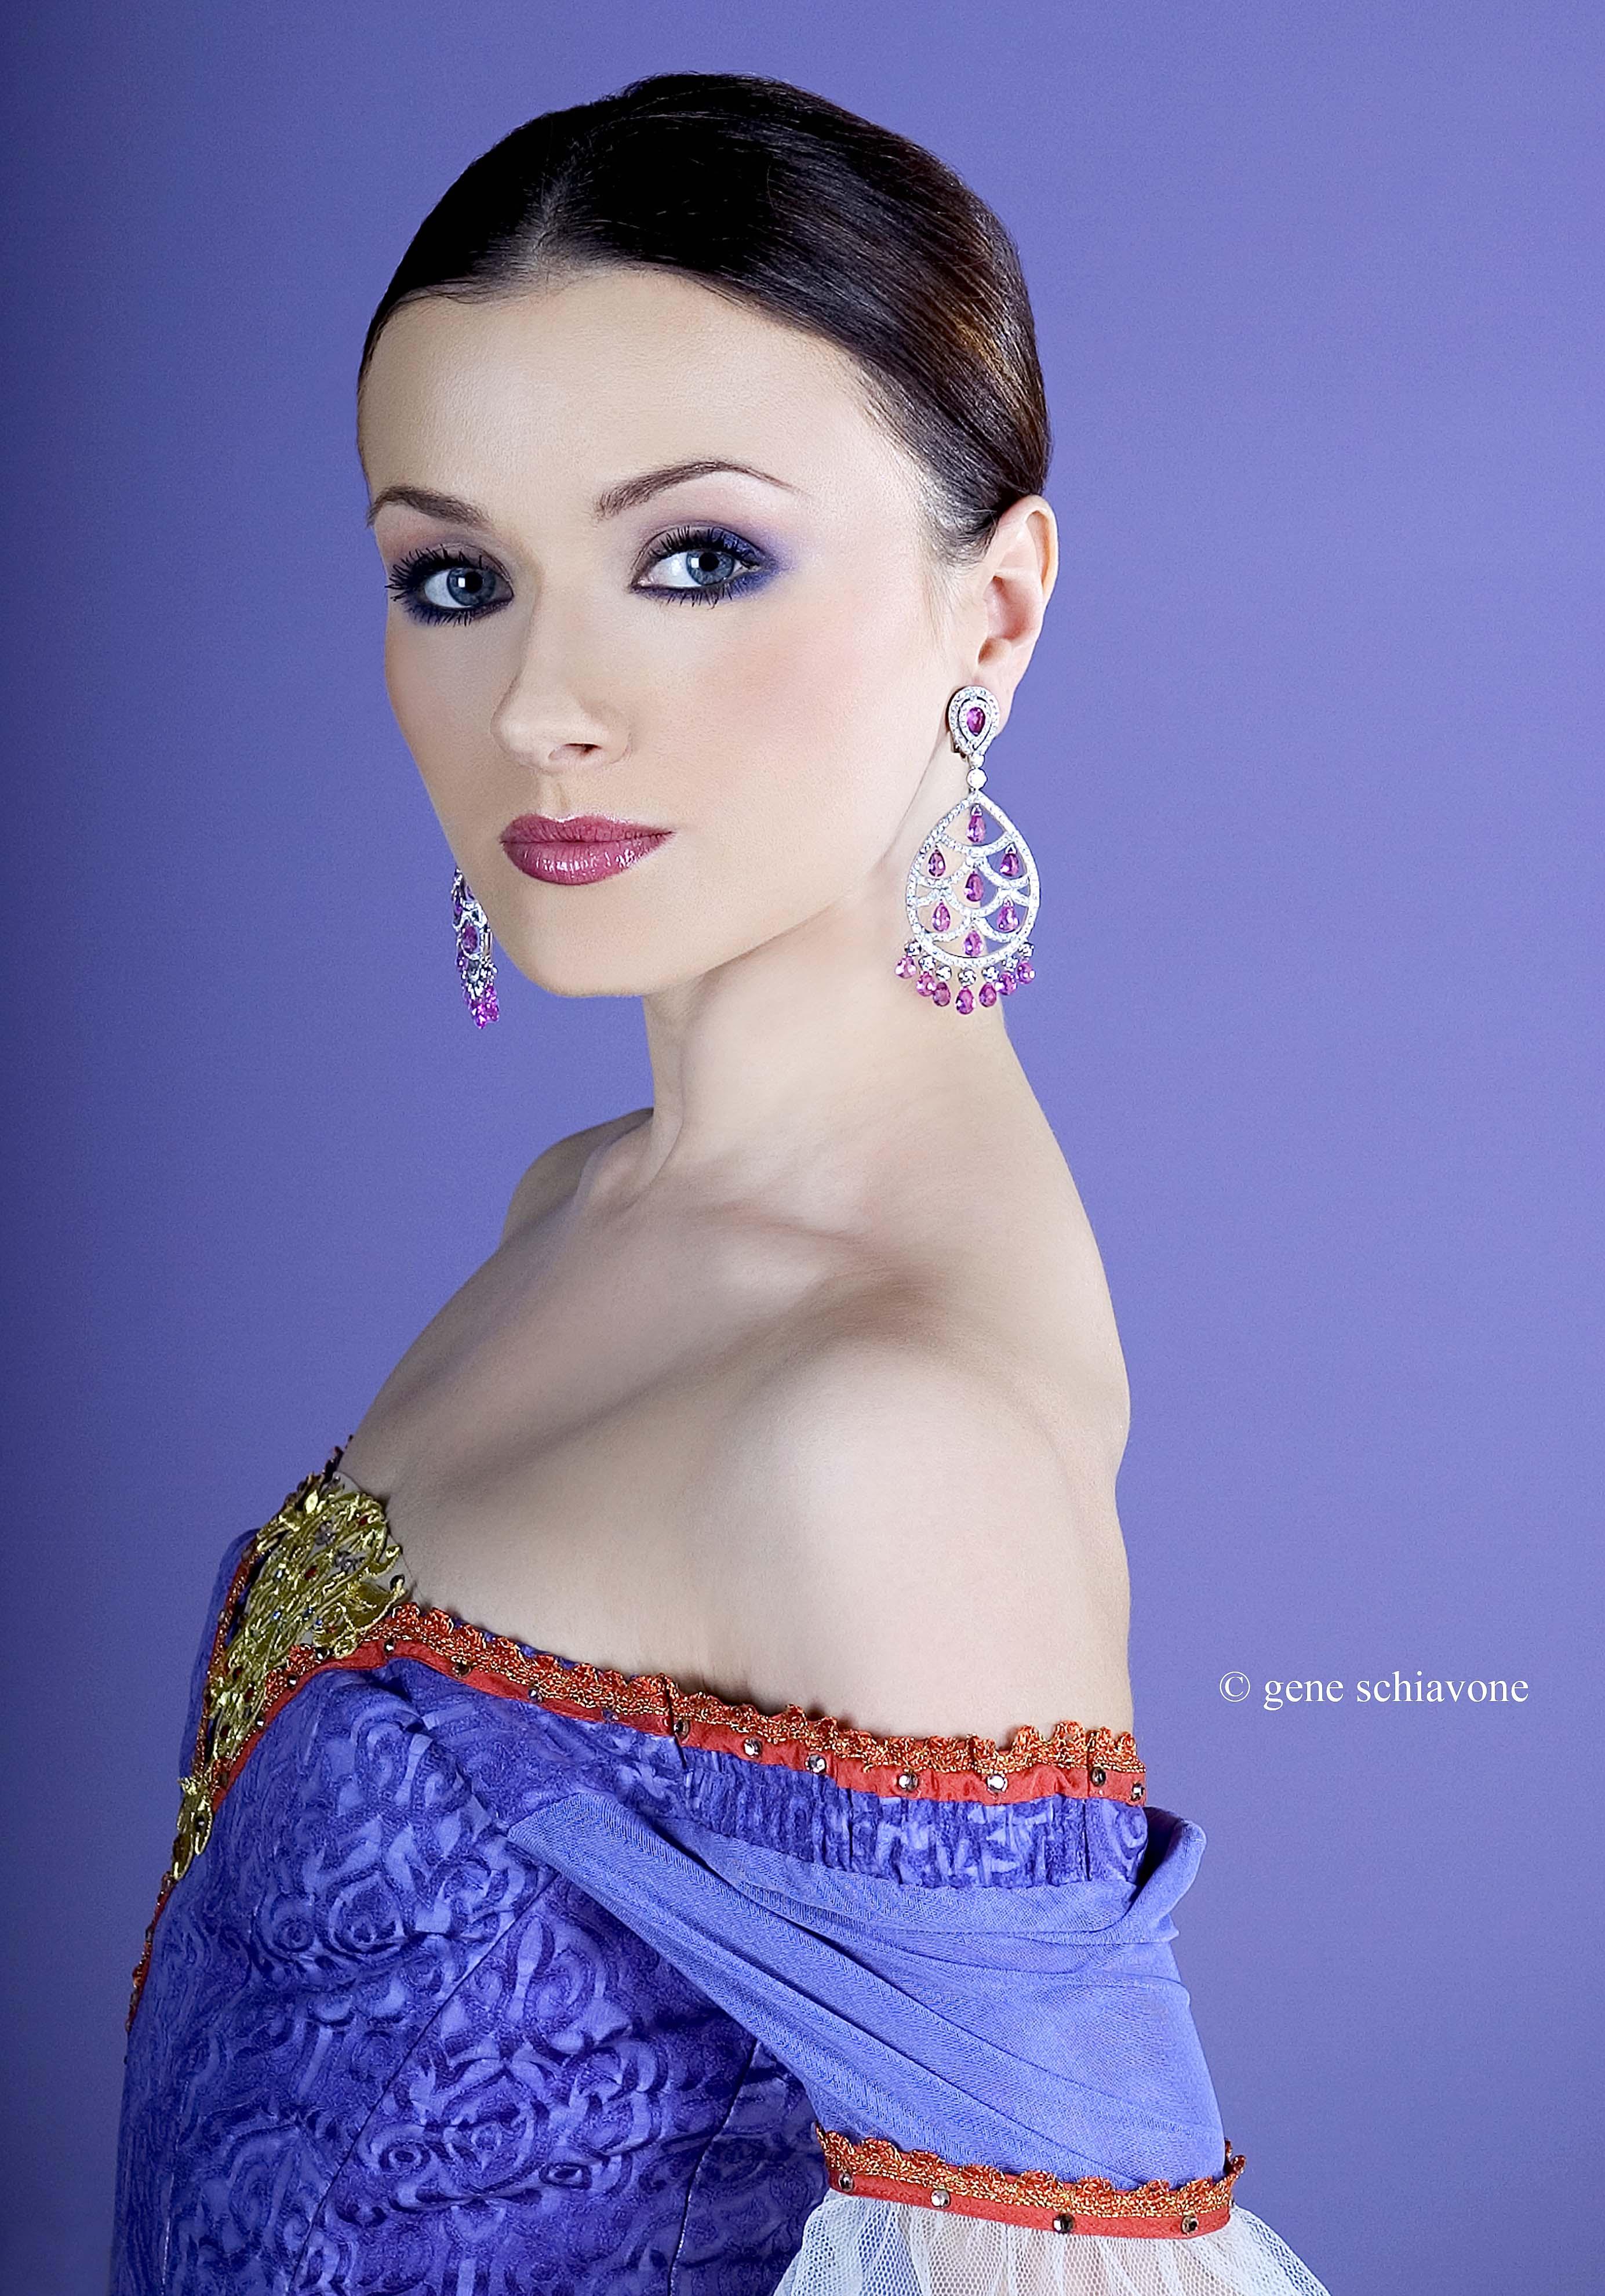 Irina Dvorovenko Nude Photos 3